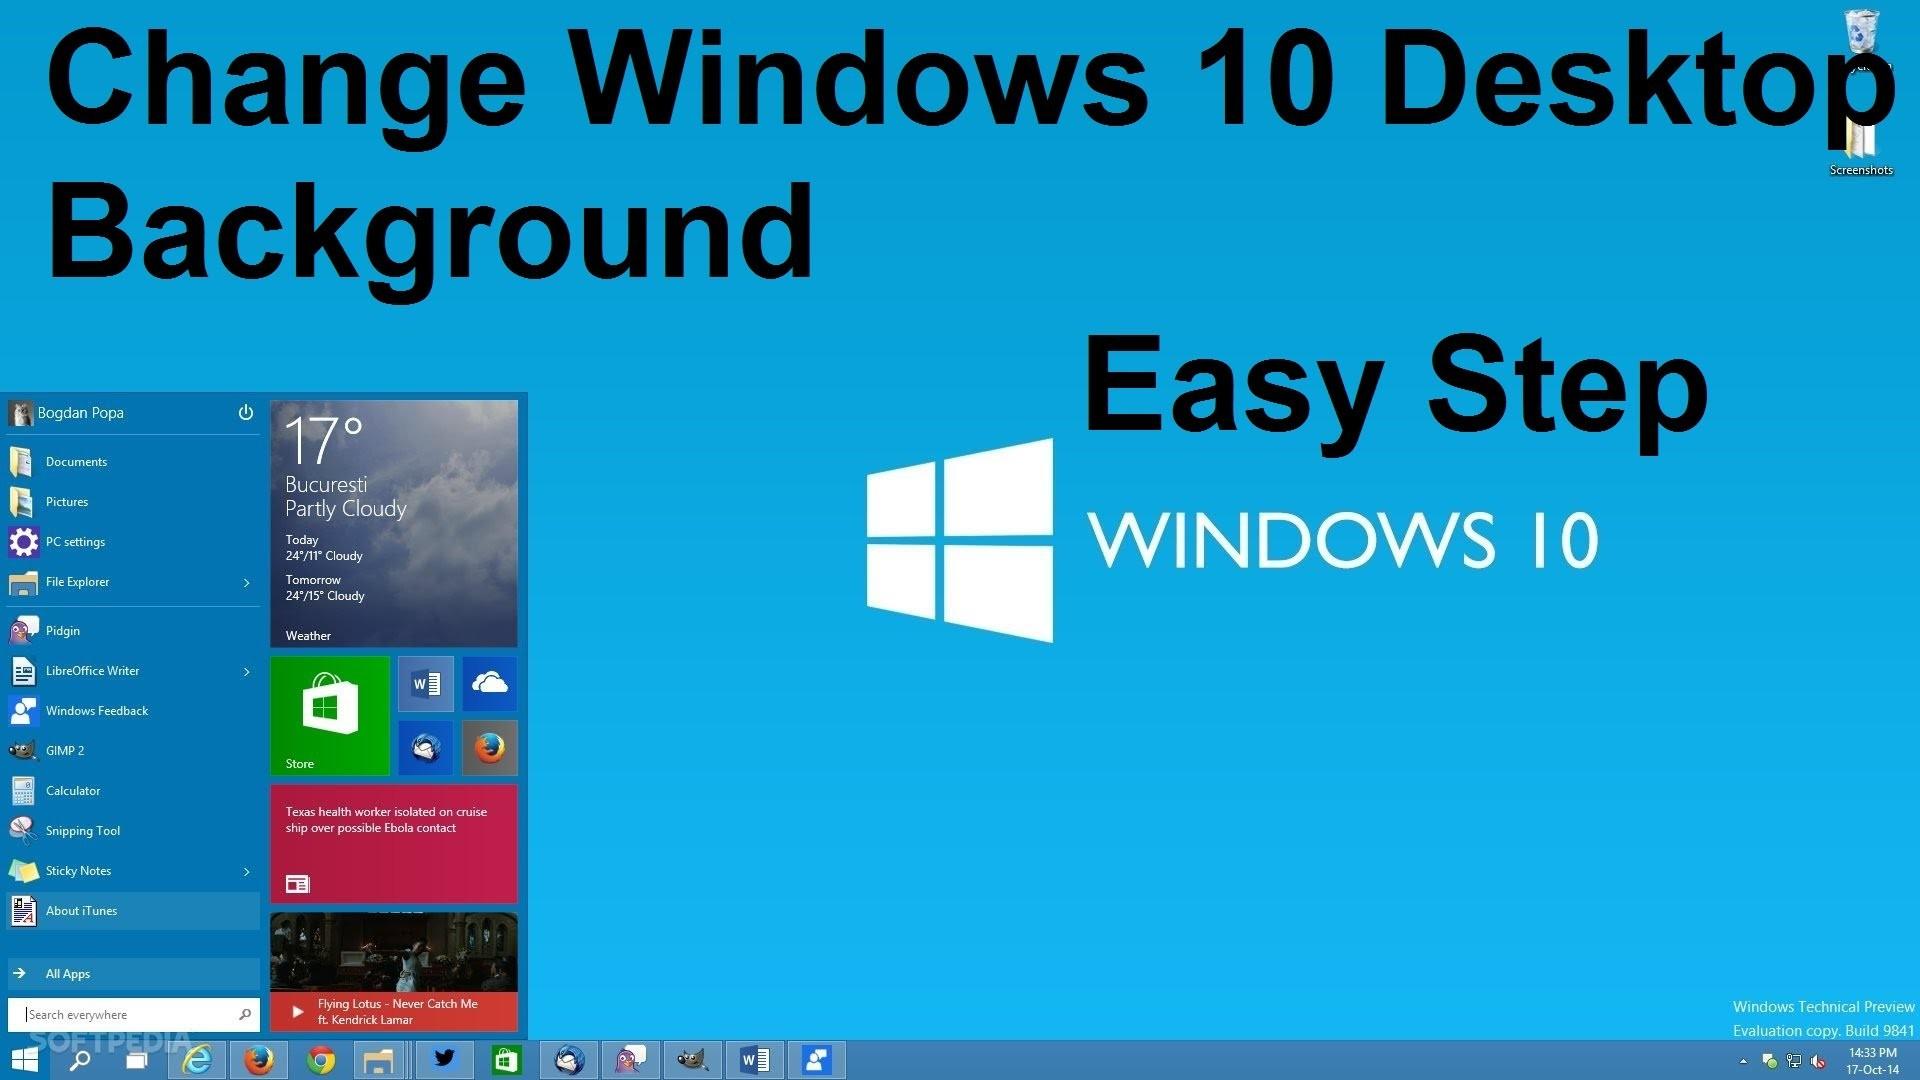 How To Change Windows 10 Desktop Background Wallpaper